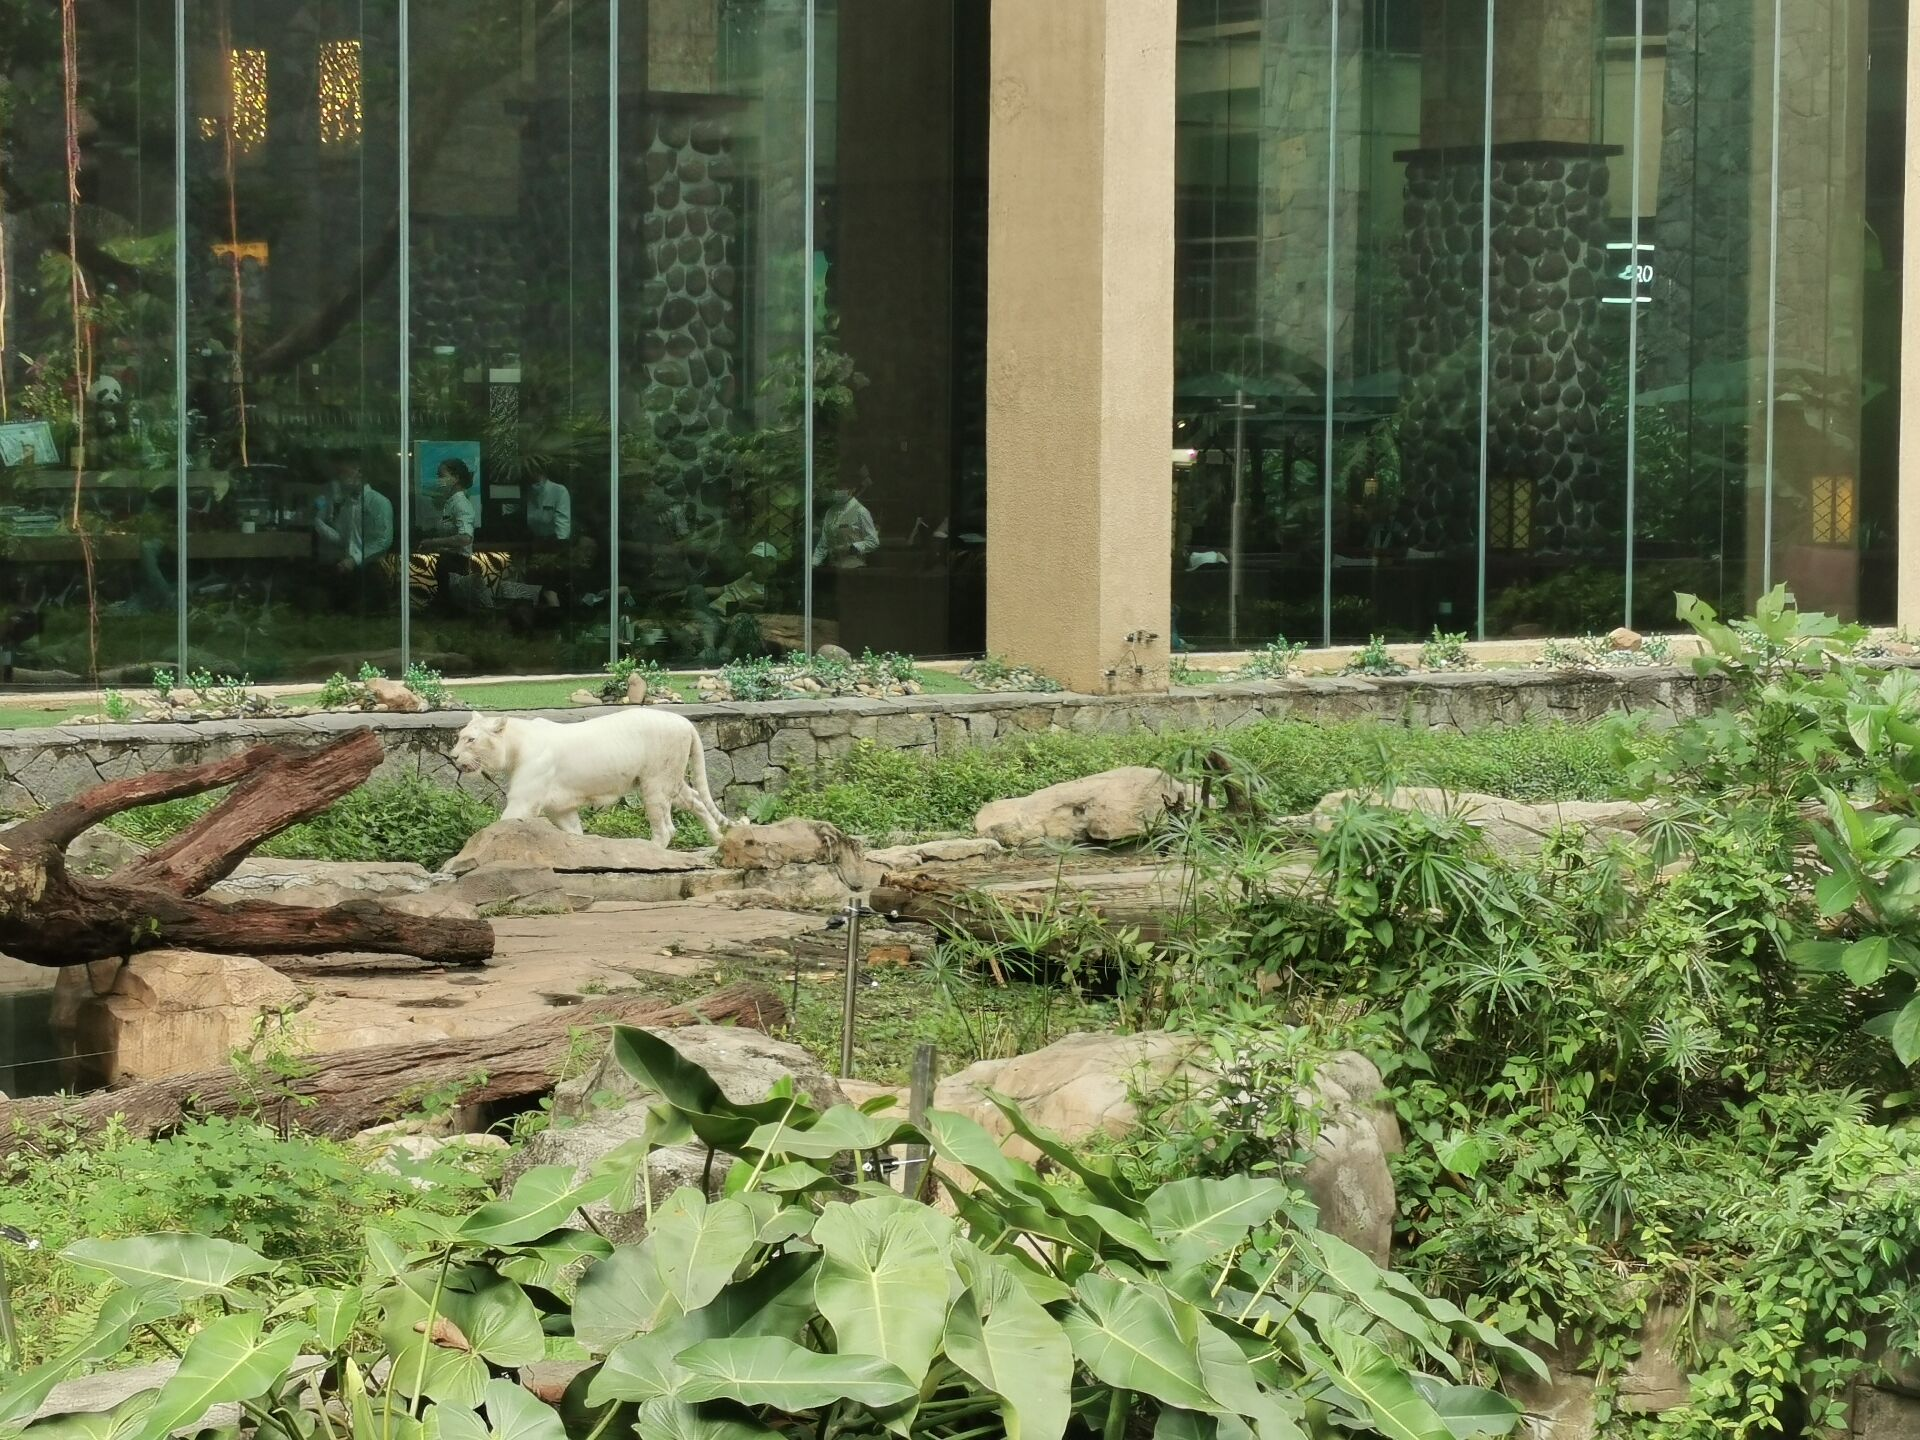 广州某宾馆的老虎14.jpg